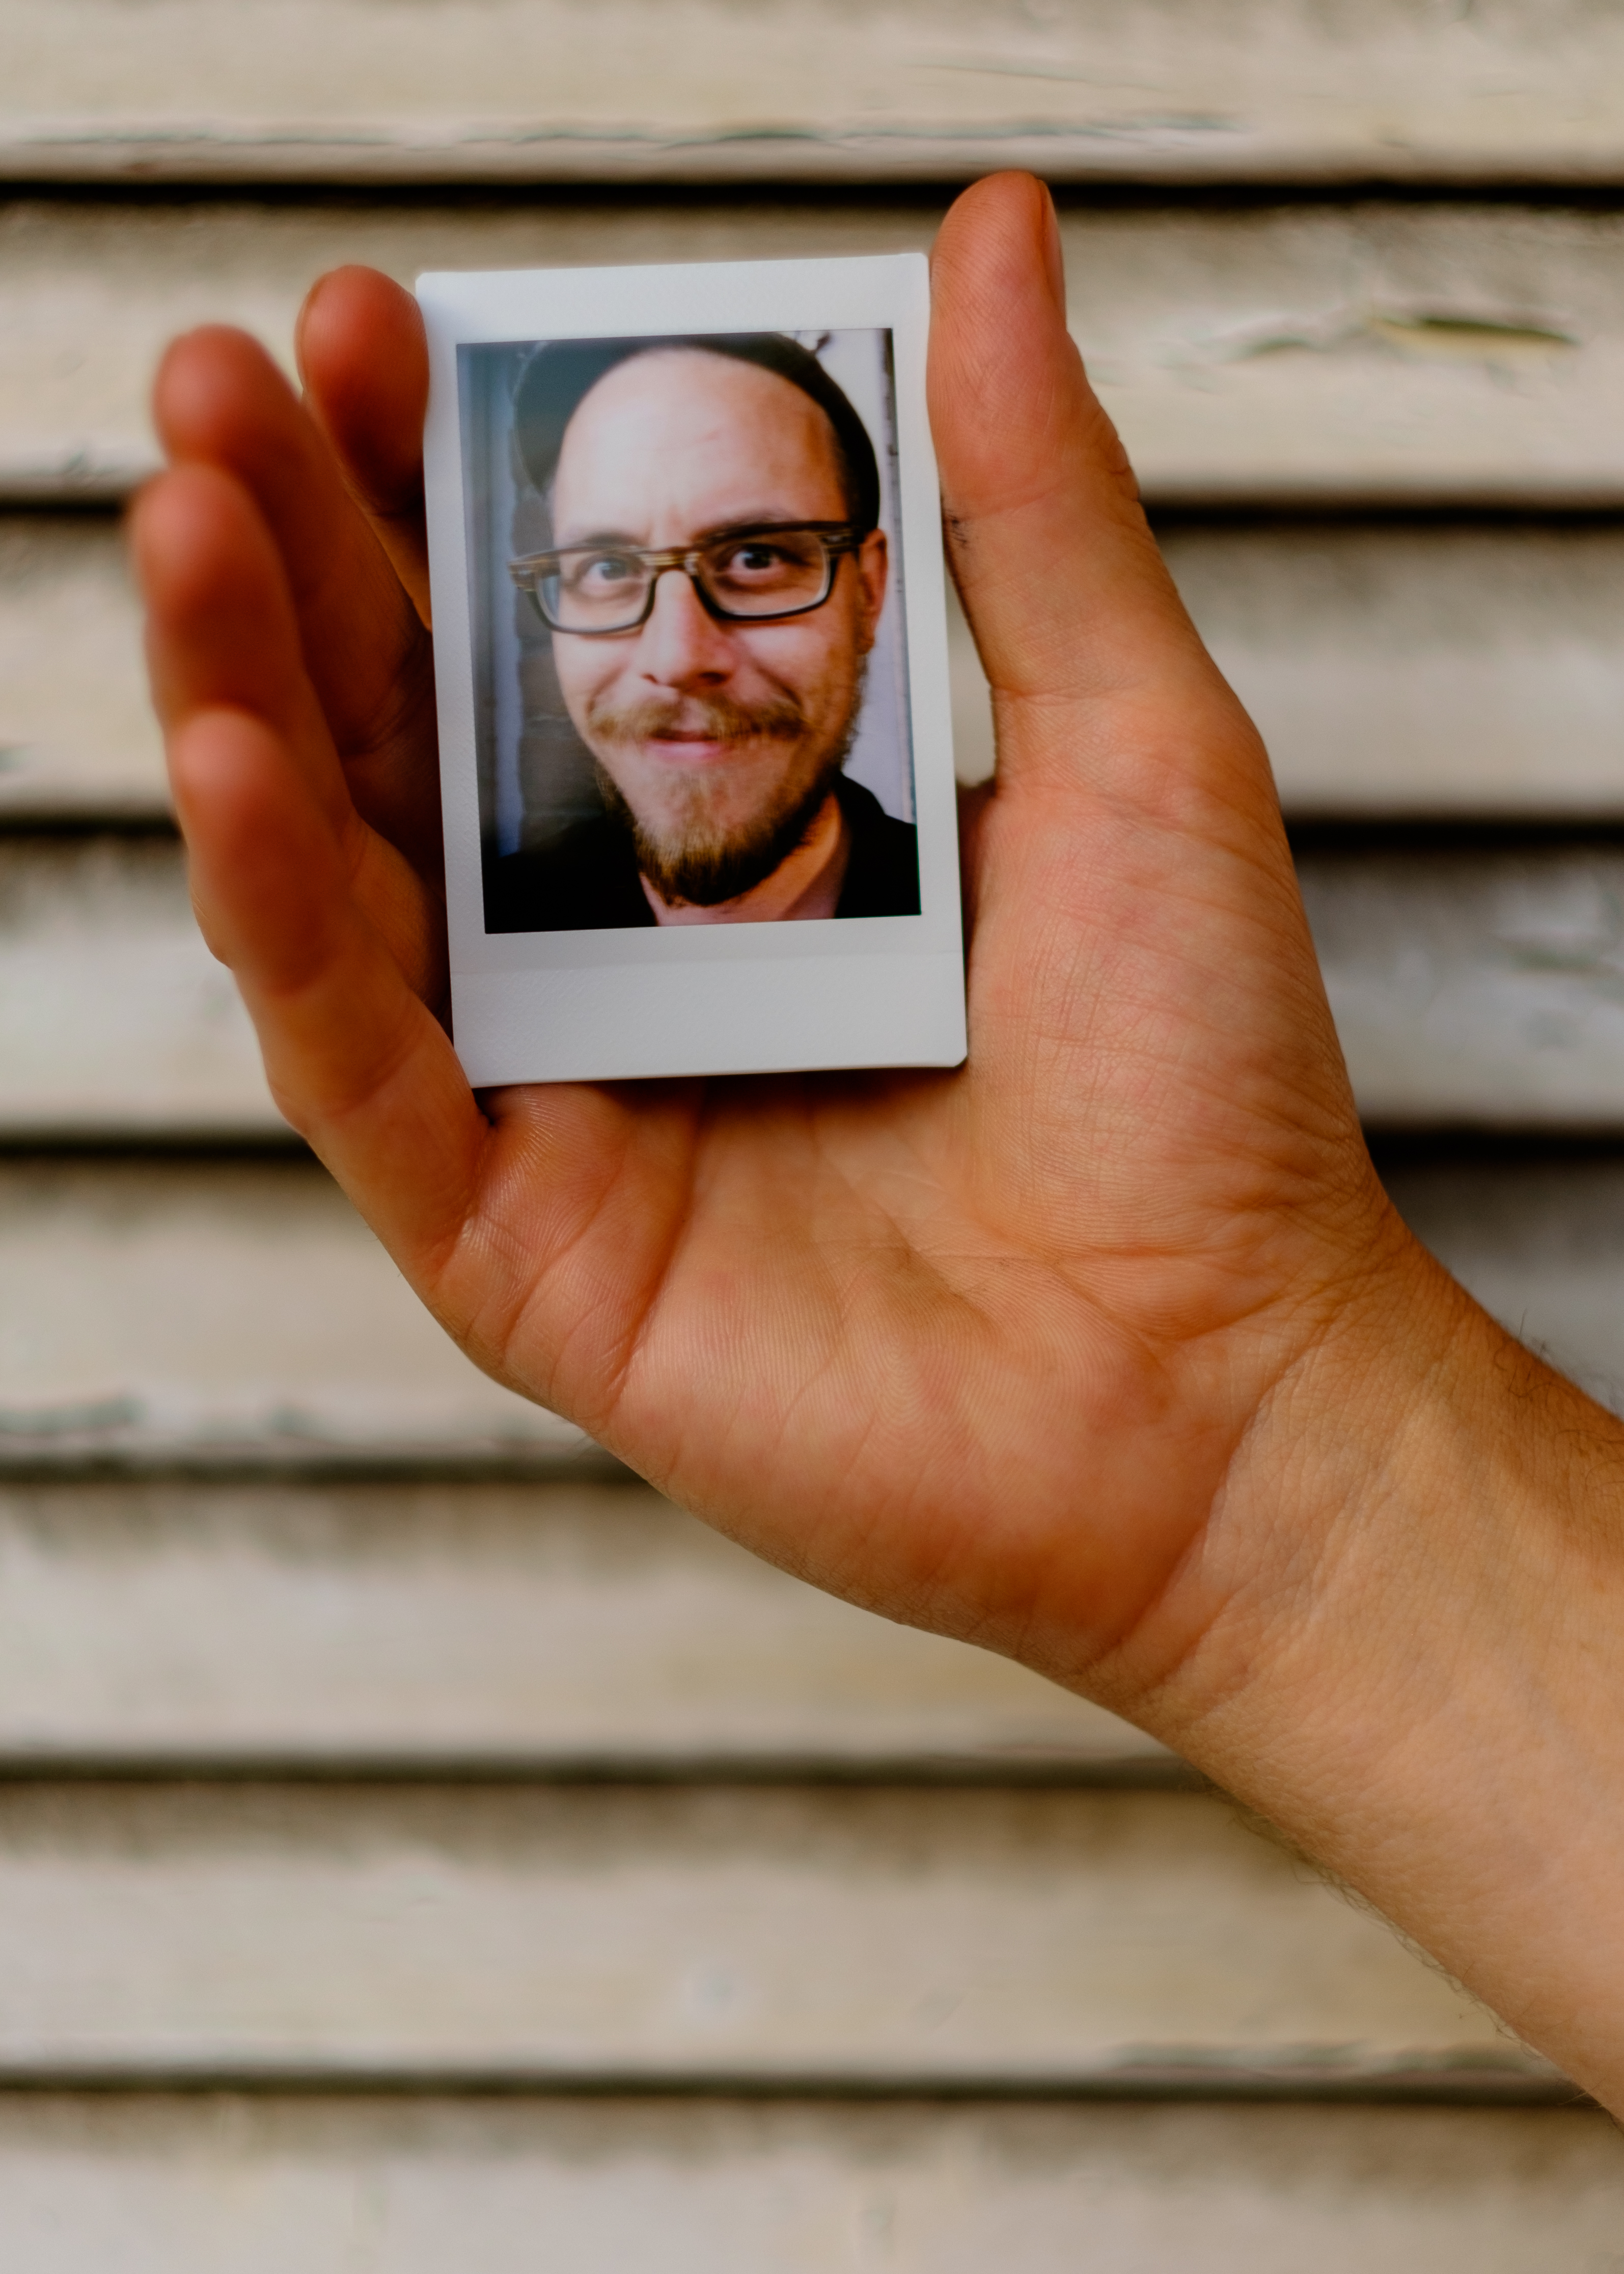 Olivier Bourget portrait dans la main-53